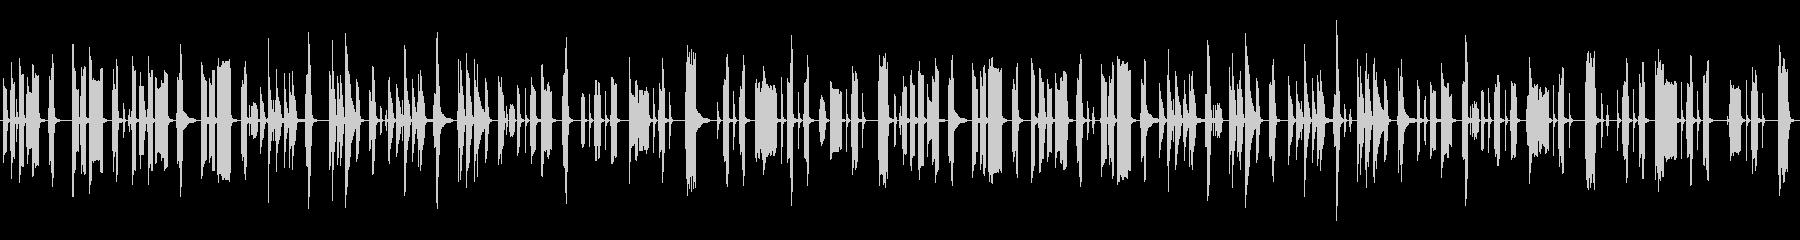 脱力系5の未再生の波形